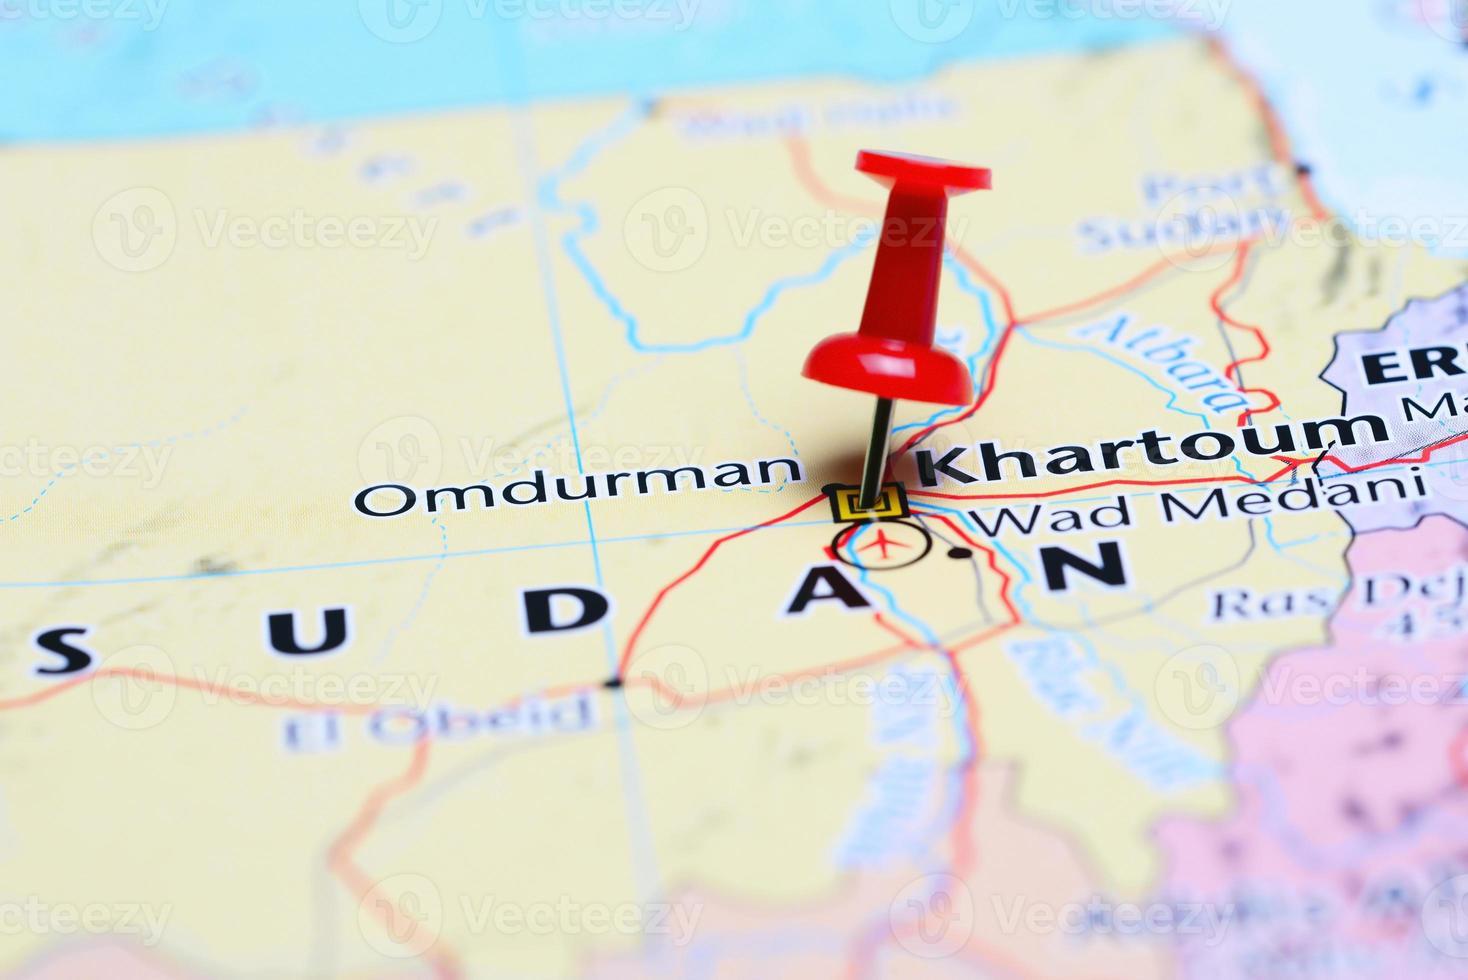 khartoum steckte auf einer Karte von Asien fest foto